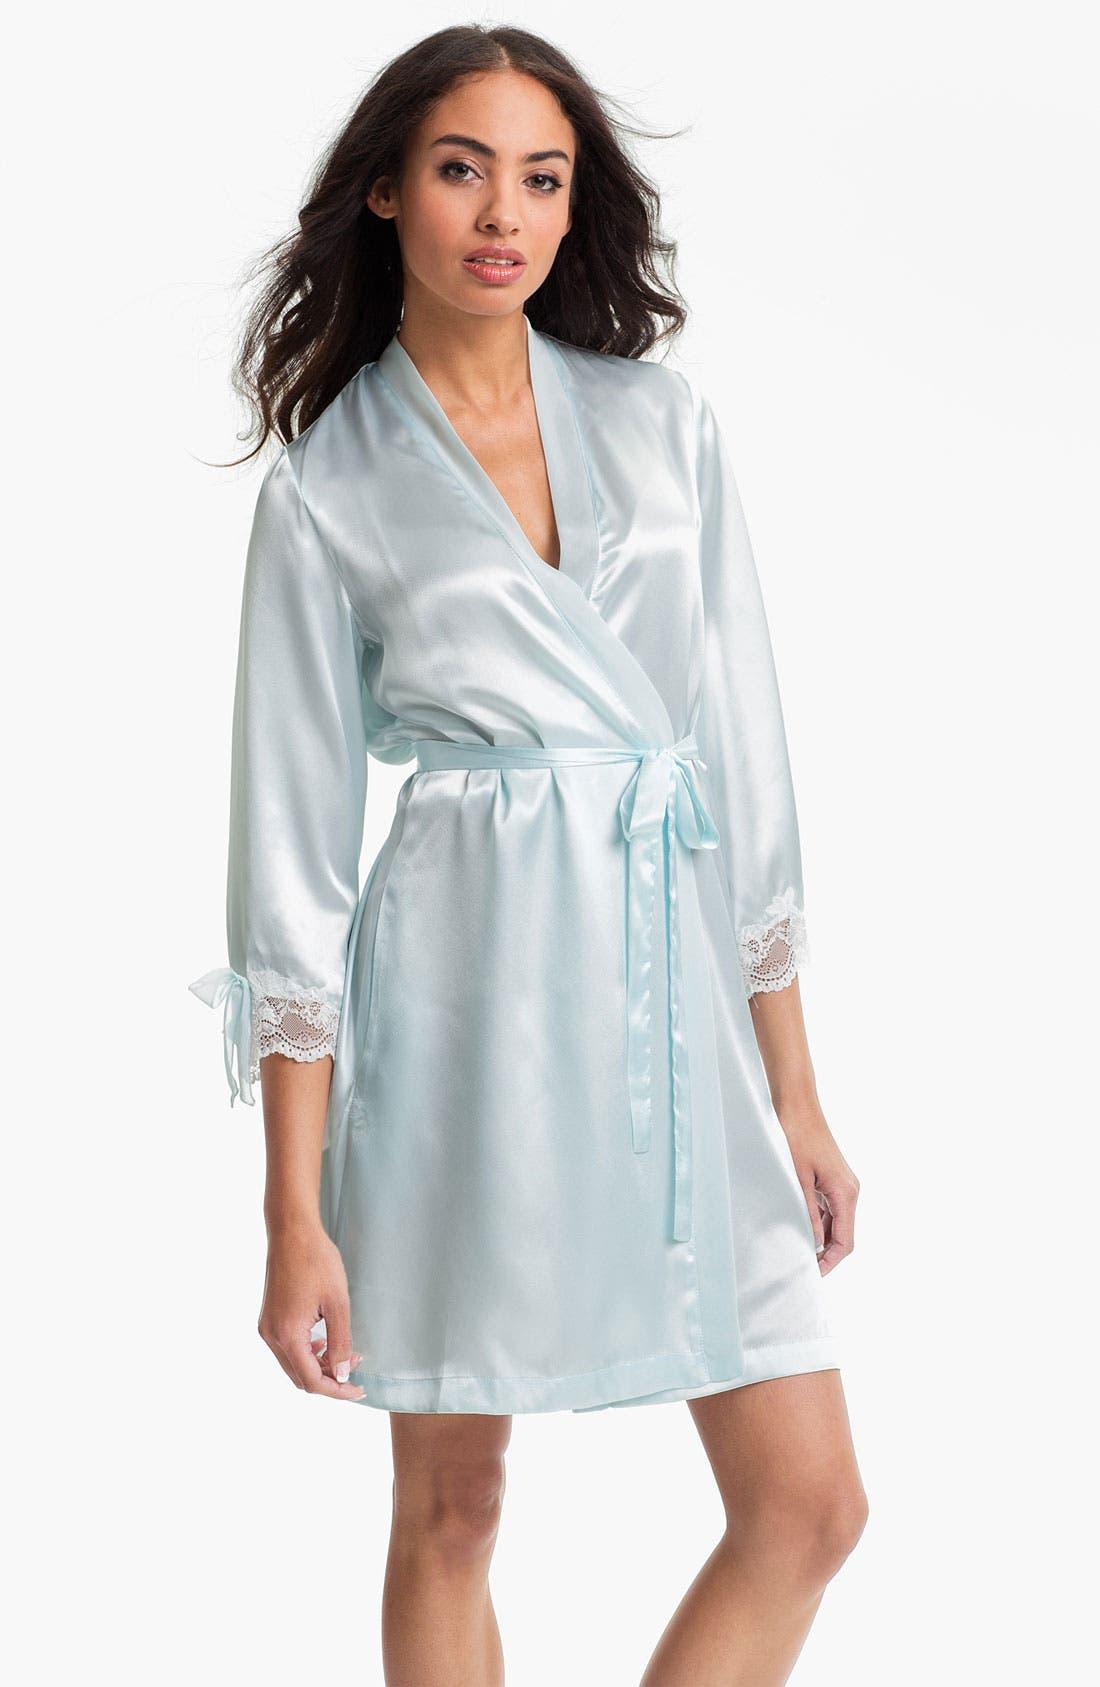 Main Image - Oscar de la Renta Sleepwear 'Lovely in Lace' Short Robe